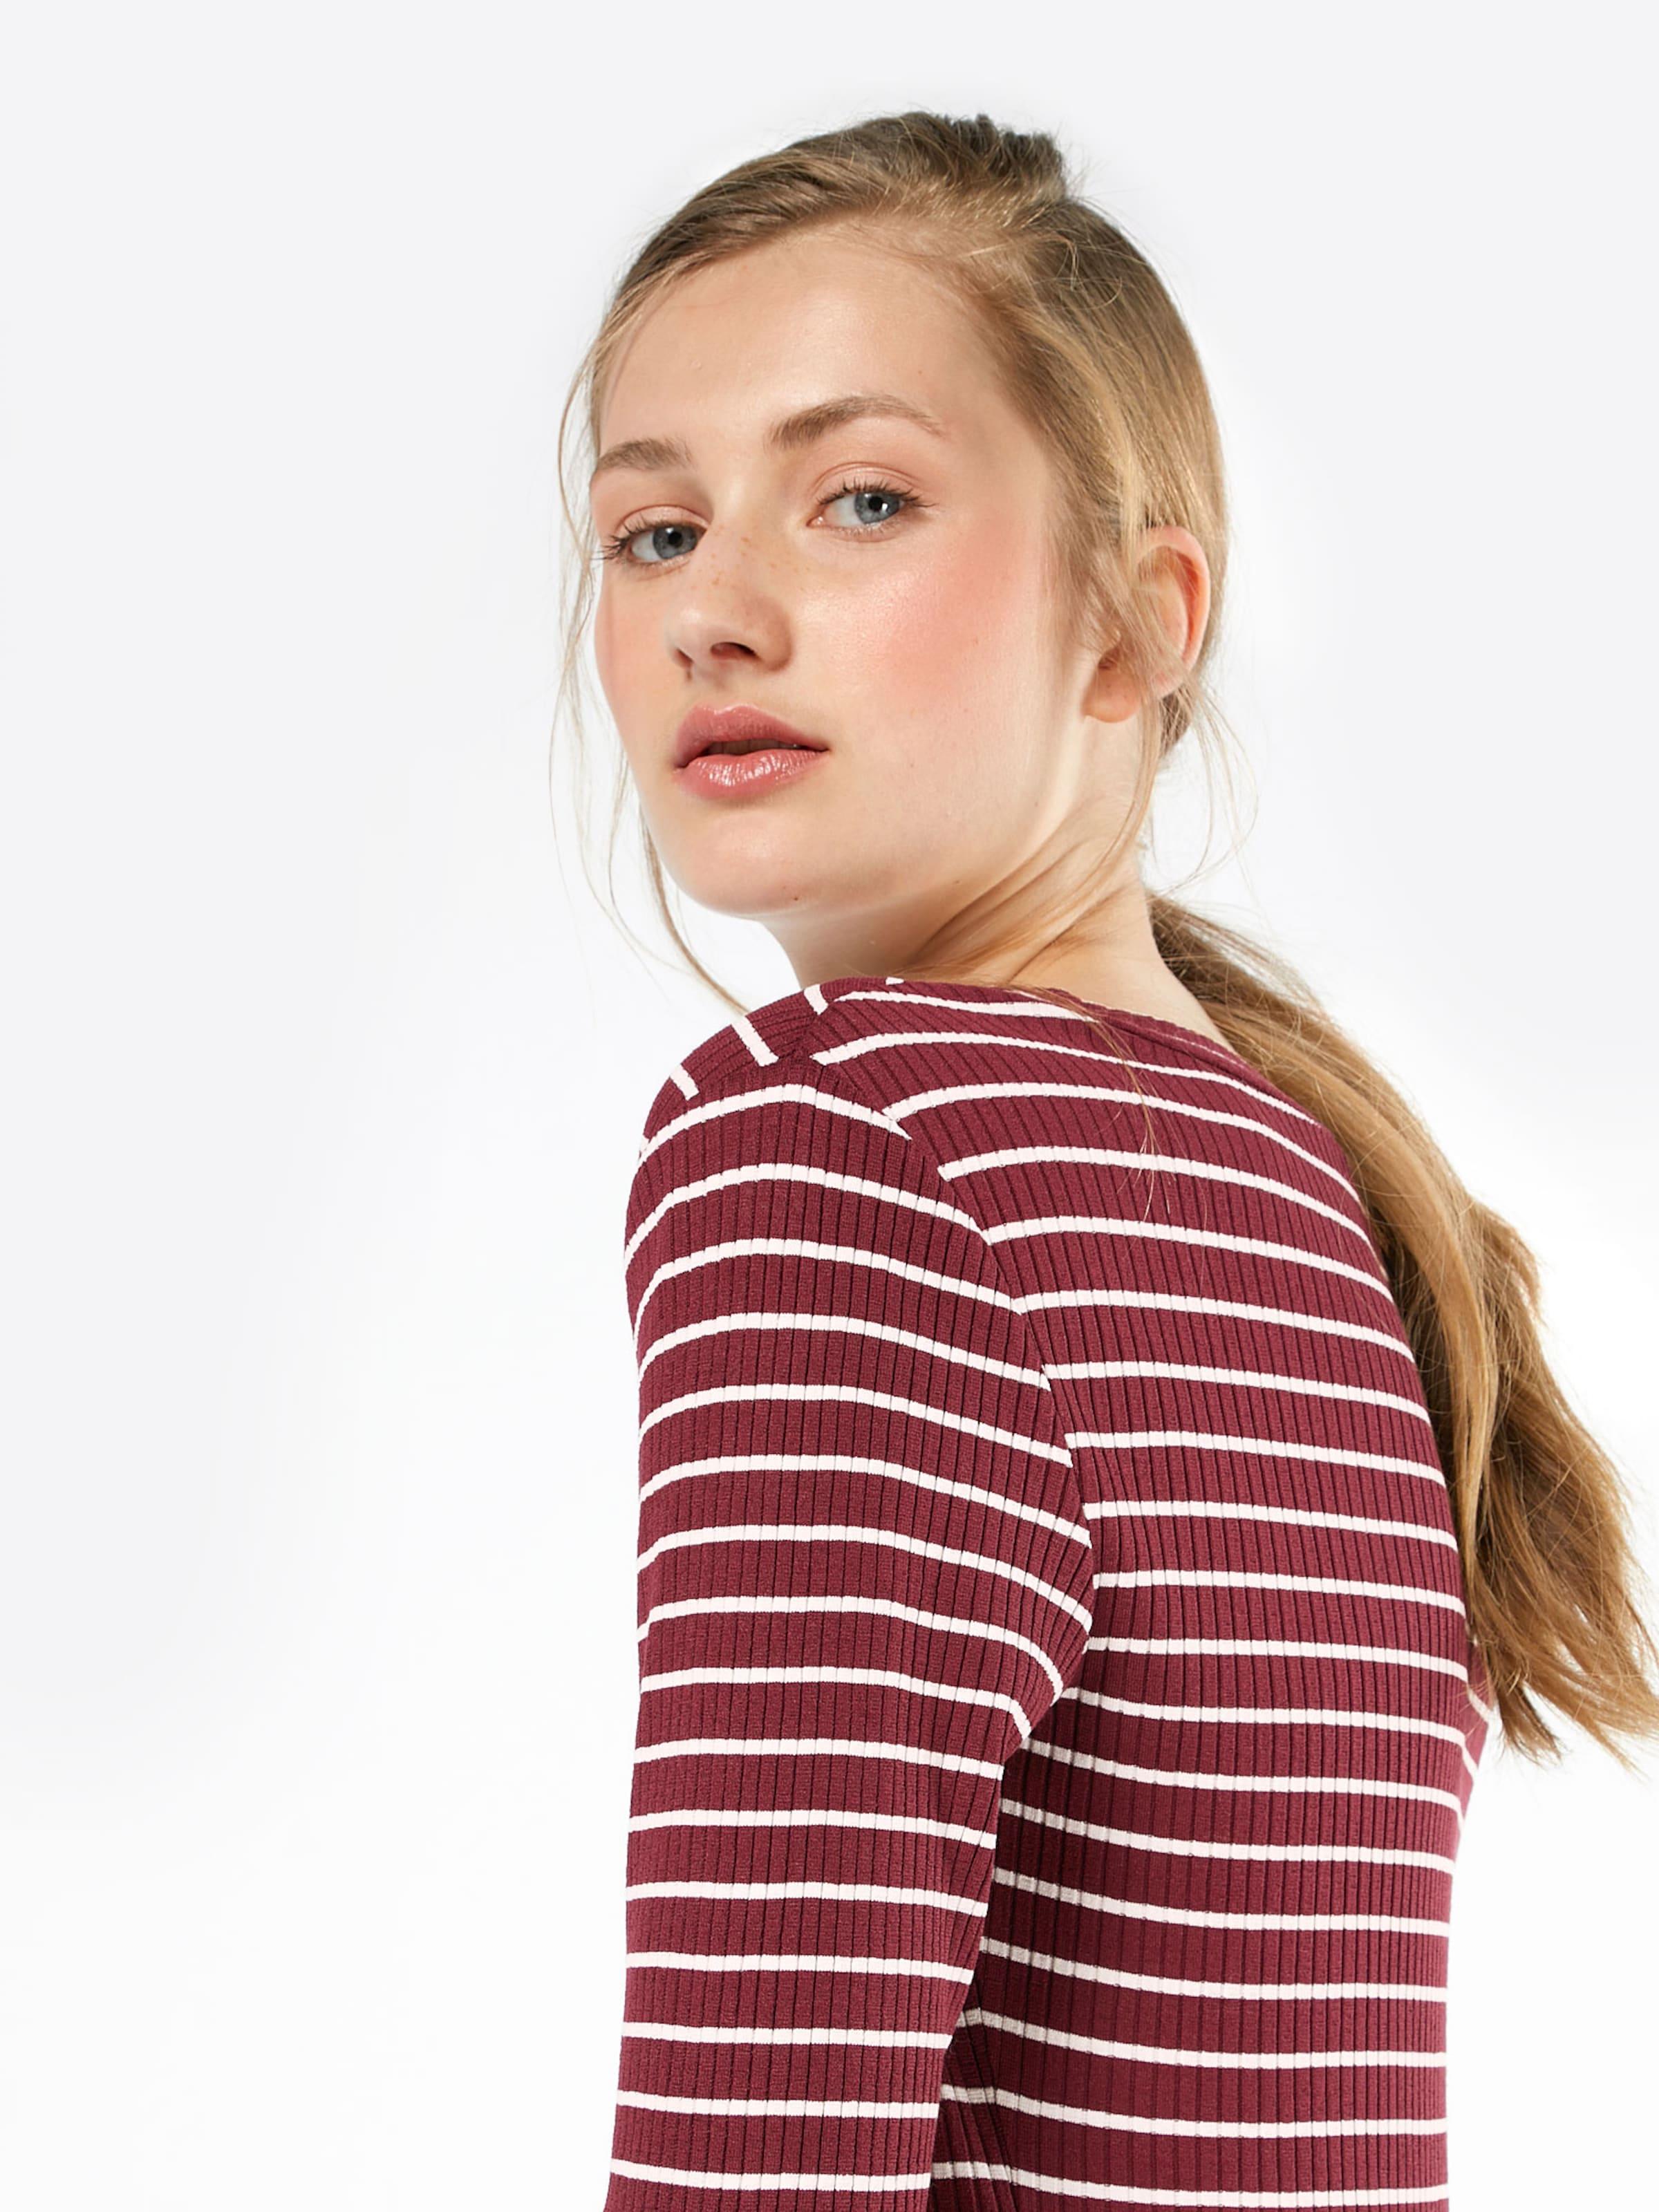 anna & ella Kleid 'Marlies' Wahl Günstig Online Spielraum Manchester Großer Verkauf Auslass Offizielle Seite pDBBAbif